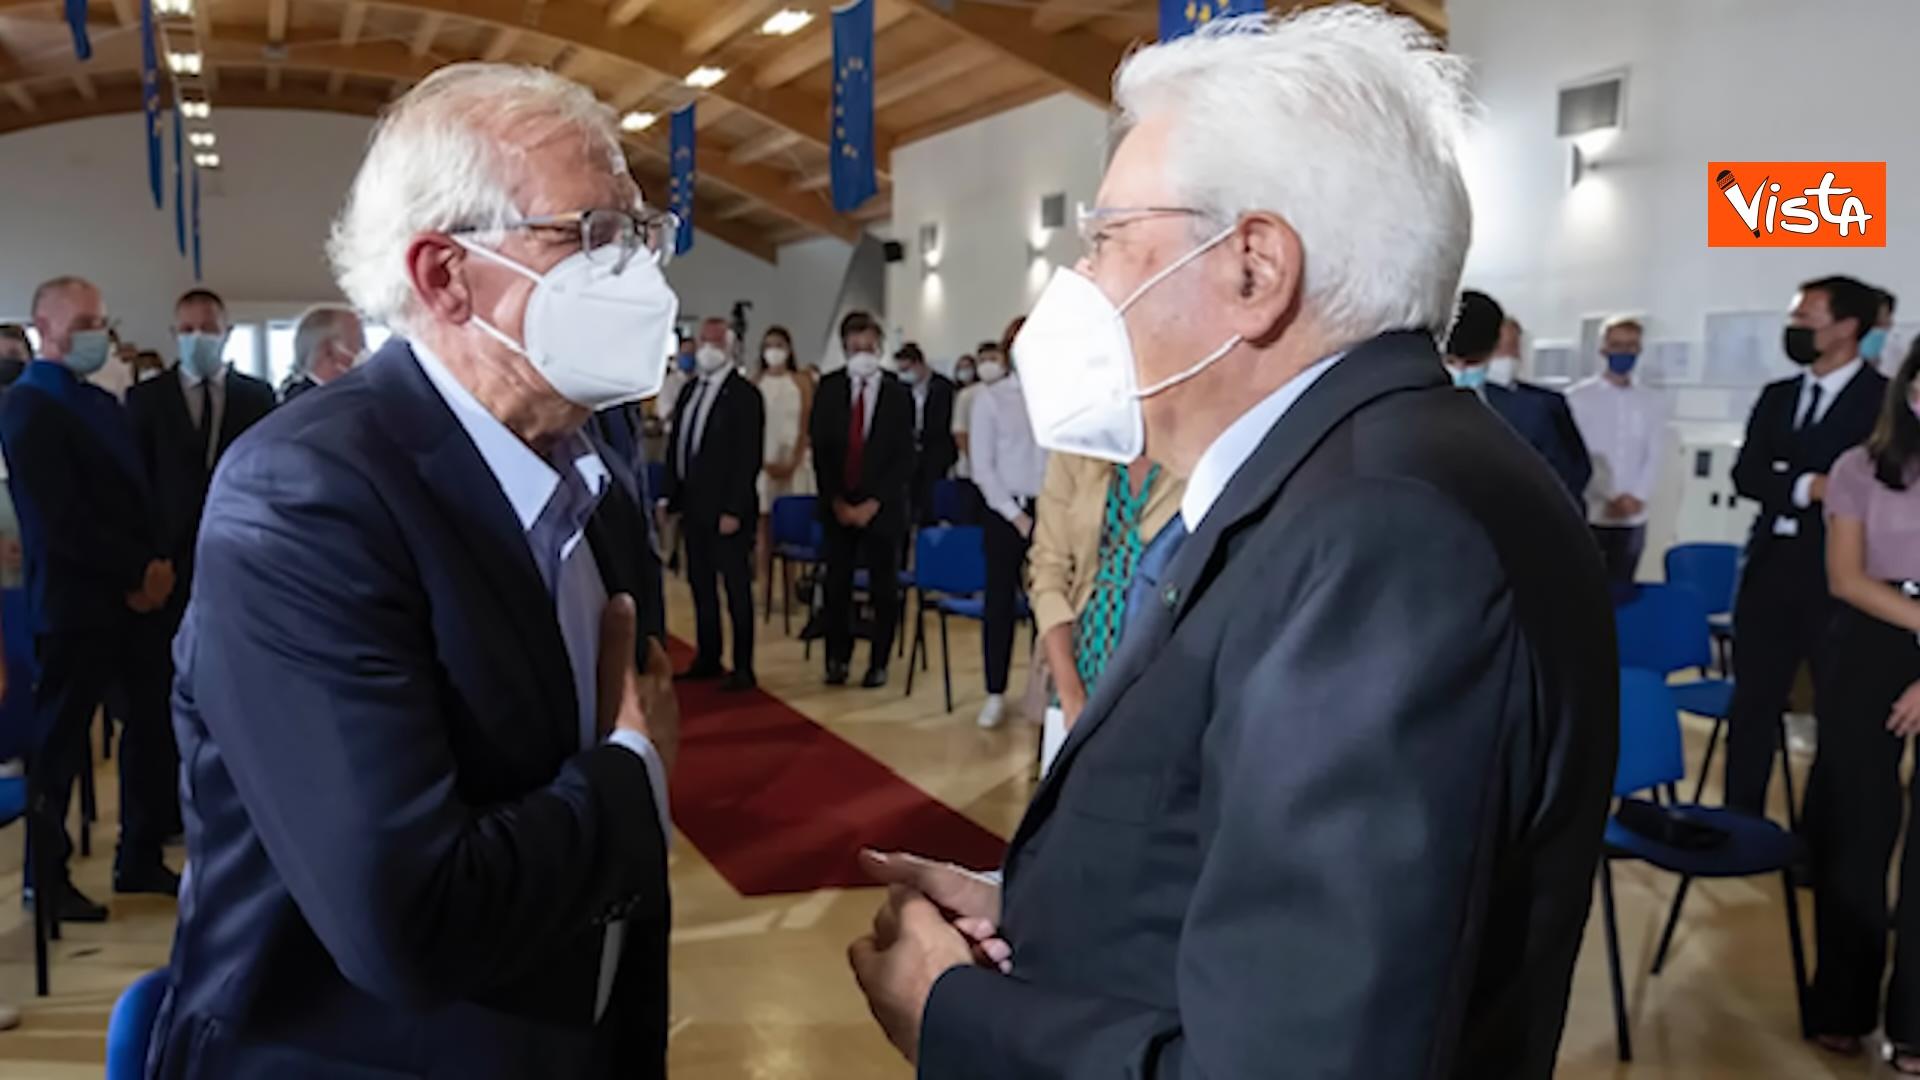 29-08-21 Il Presidente Mattarella a Ventiotene 01_009545321990990164804